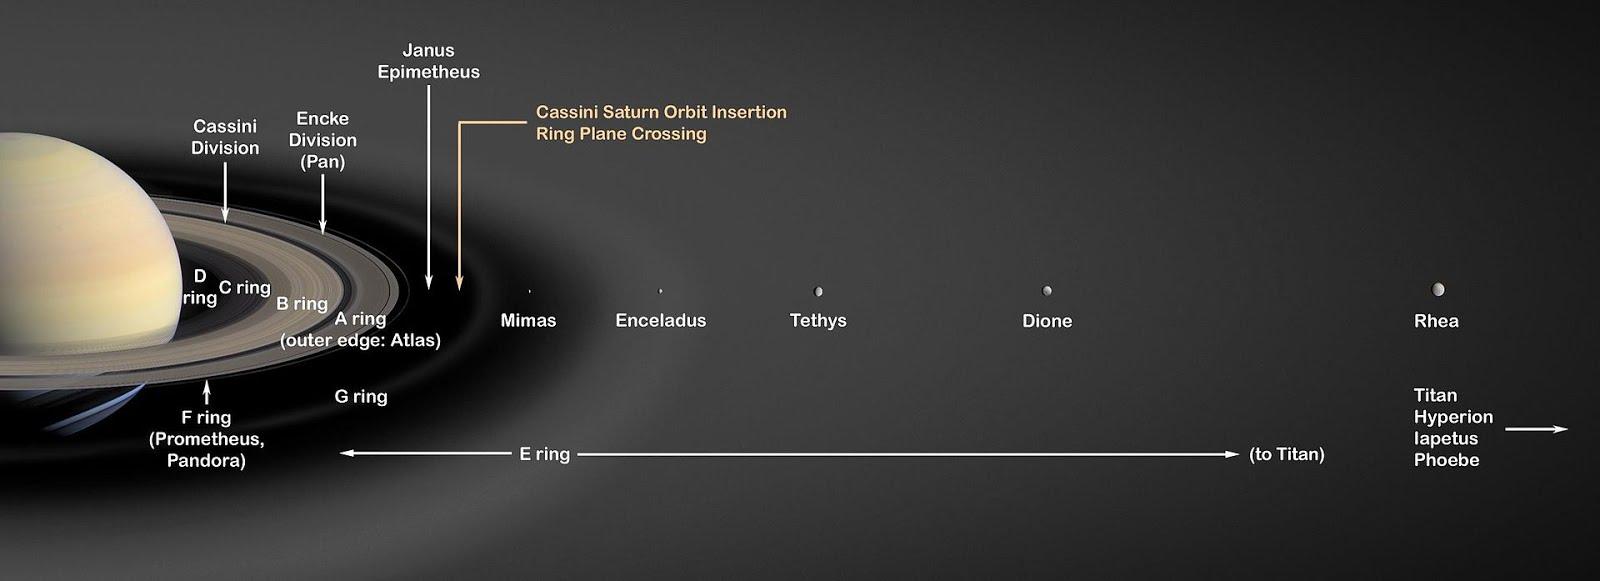 Anéis e Luas de Saturno